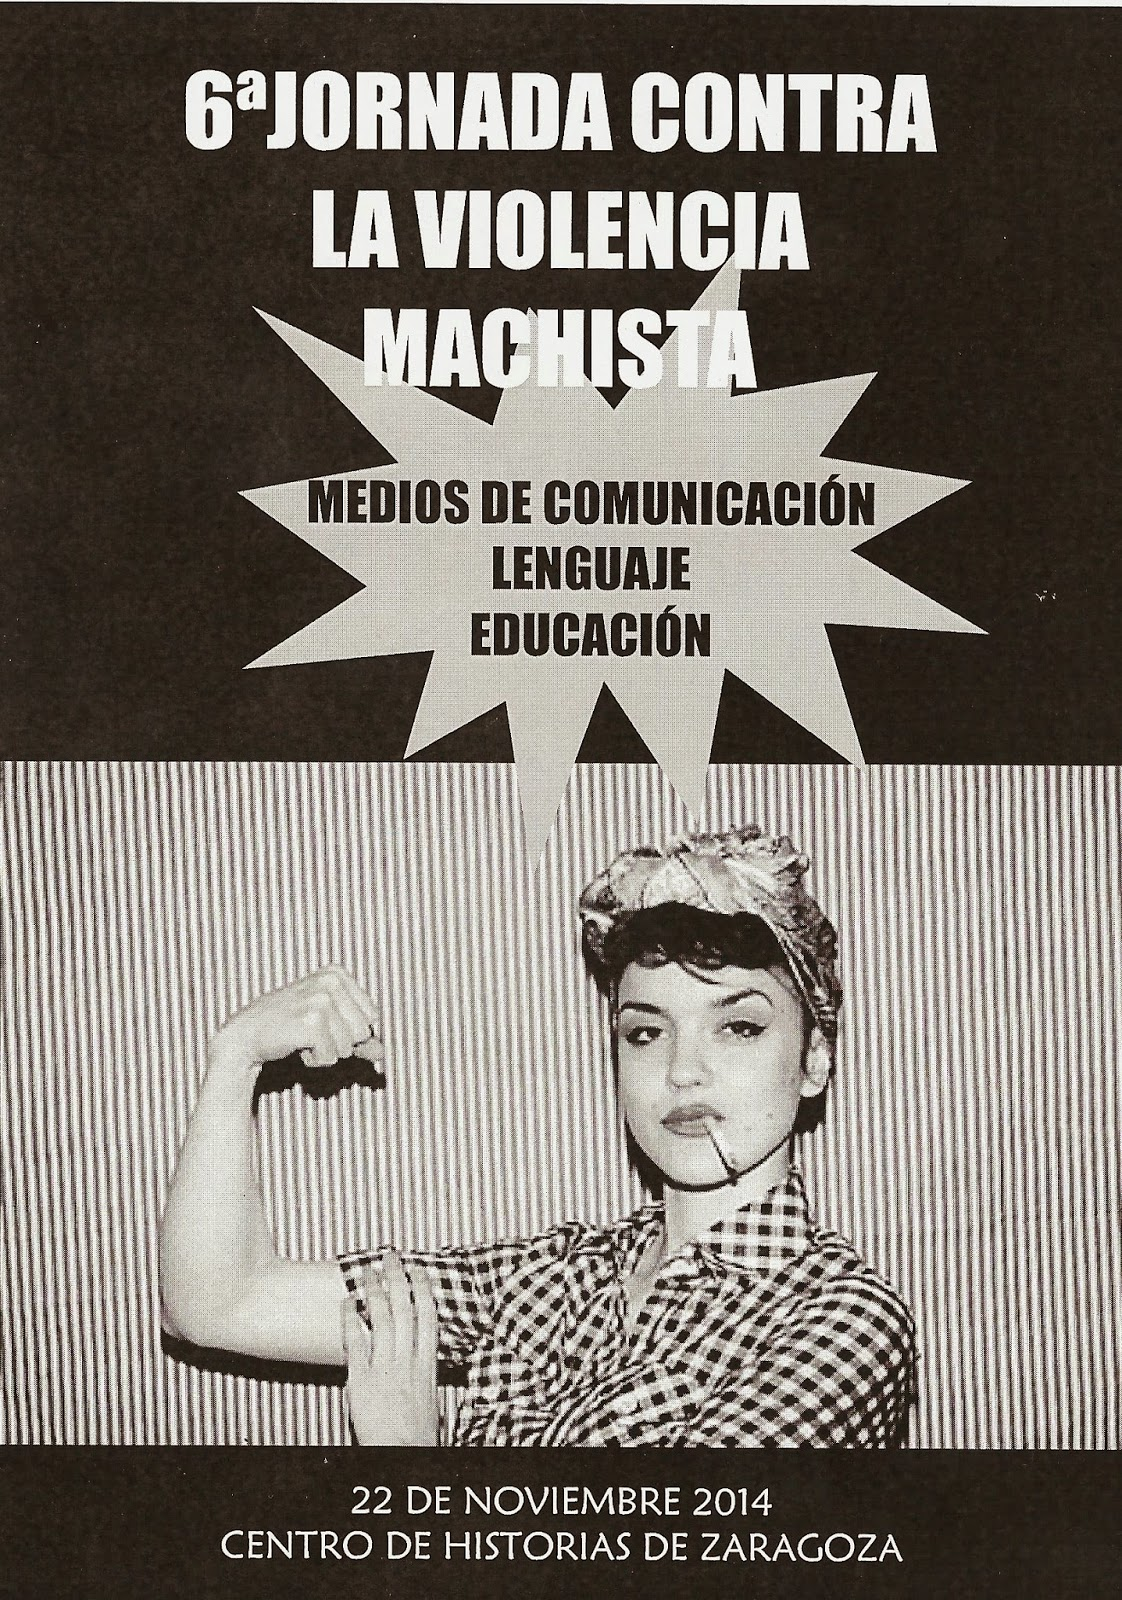 http://www.barrioszaragoza.org/noticias/mujer/130-6-jornada-contra-la-violencia-machista